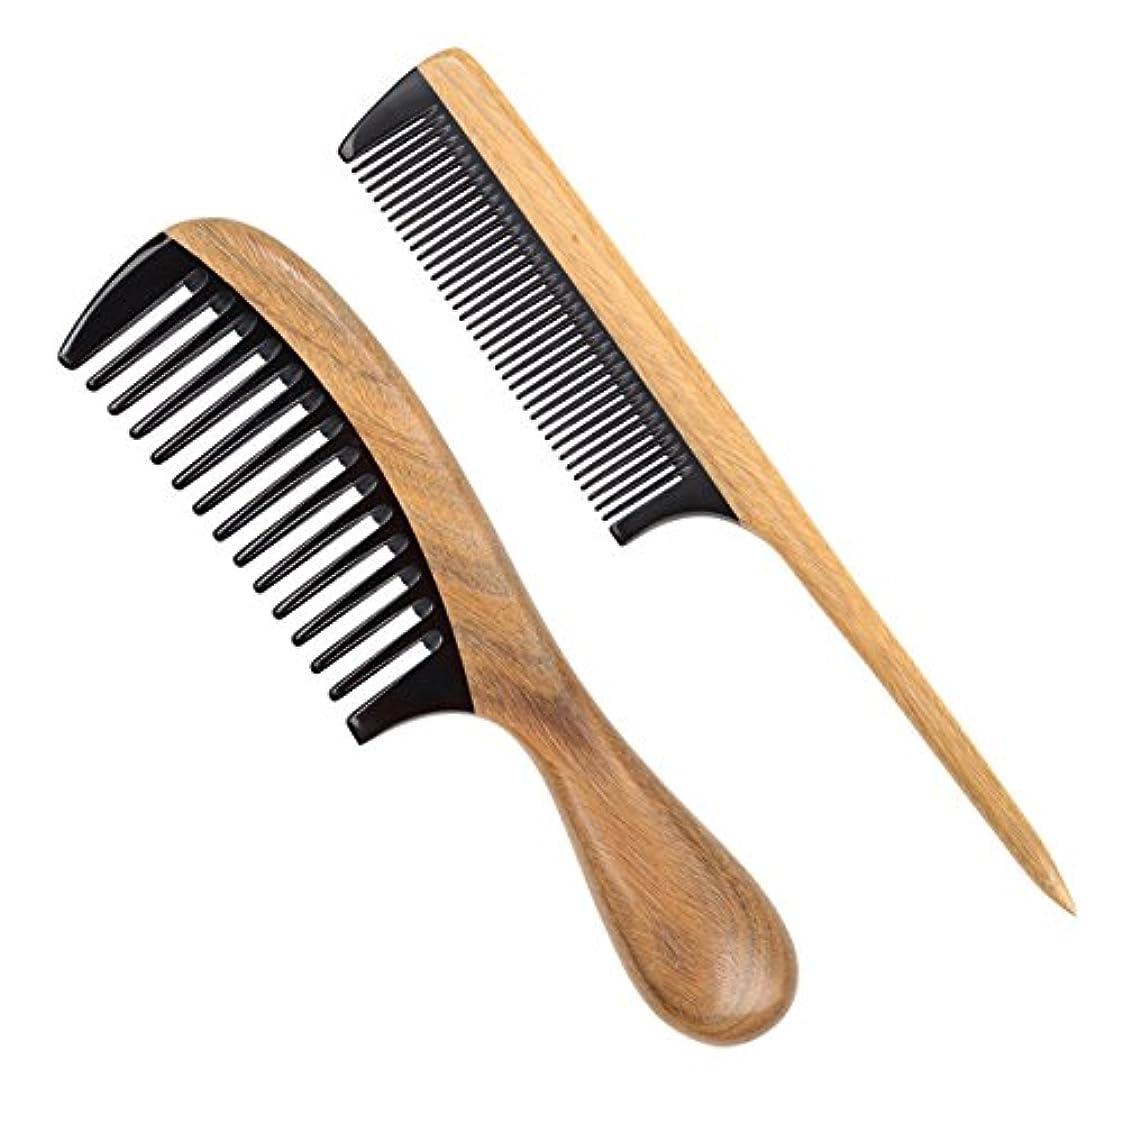 リレー技術者ぐるぐる木製の櫛セット(2個)木製の櫛広い歯と細かい歯の木製の櫛、緑のサンダルウッドアンチスタティックデタングルリングホーンの櫛女性、男性と女の子、厚く、